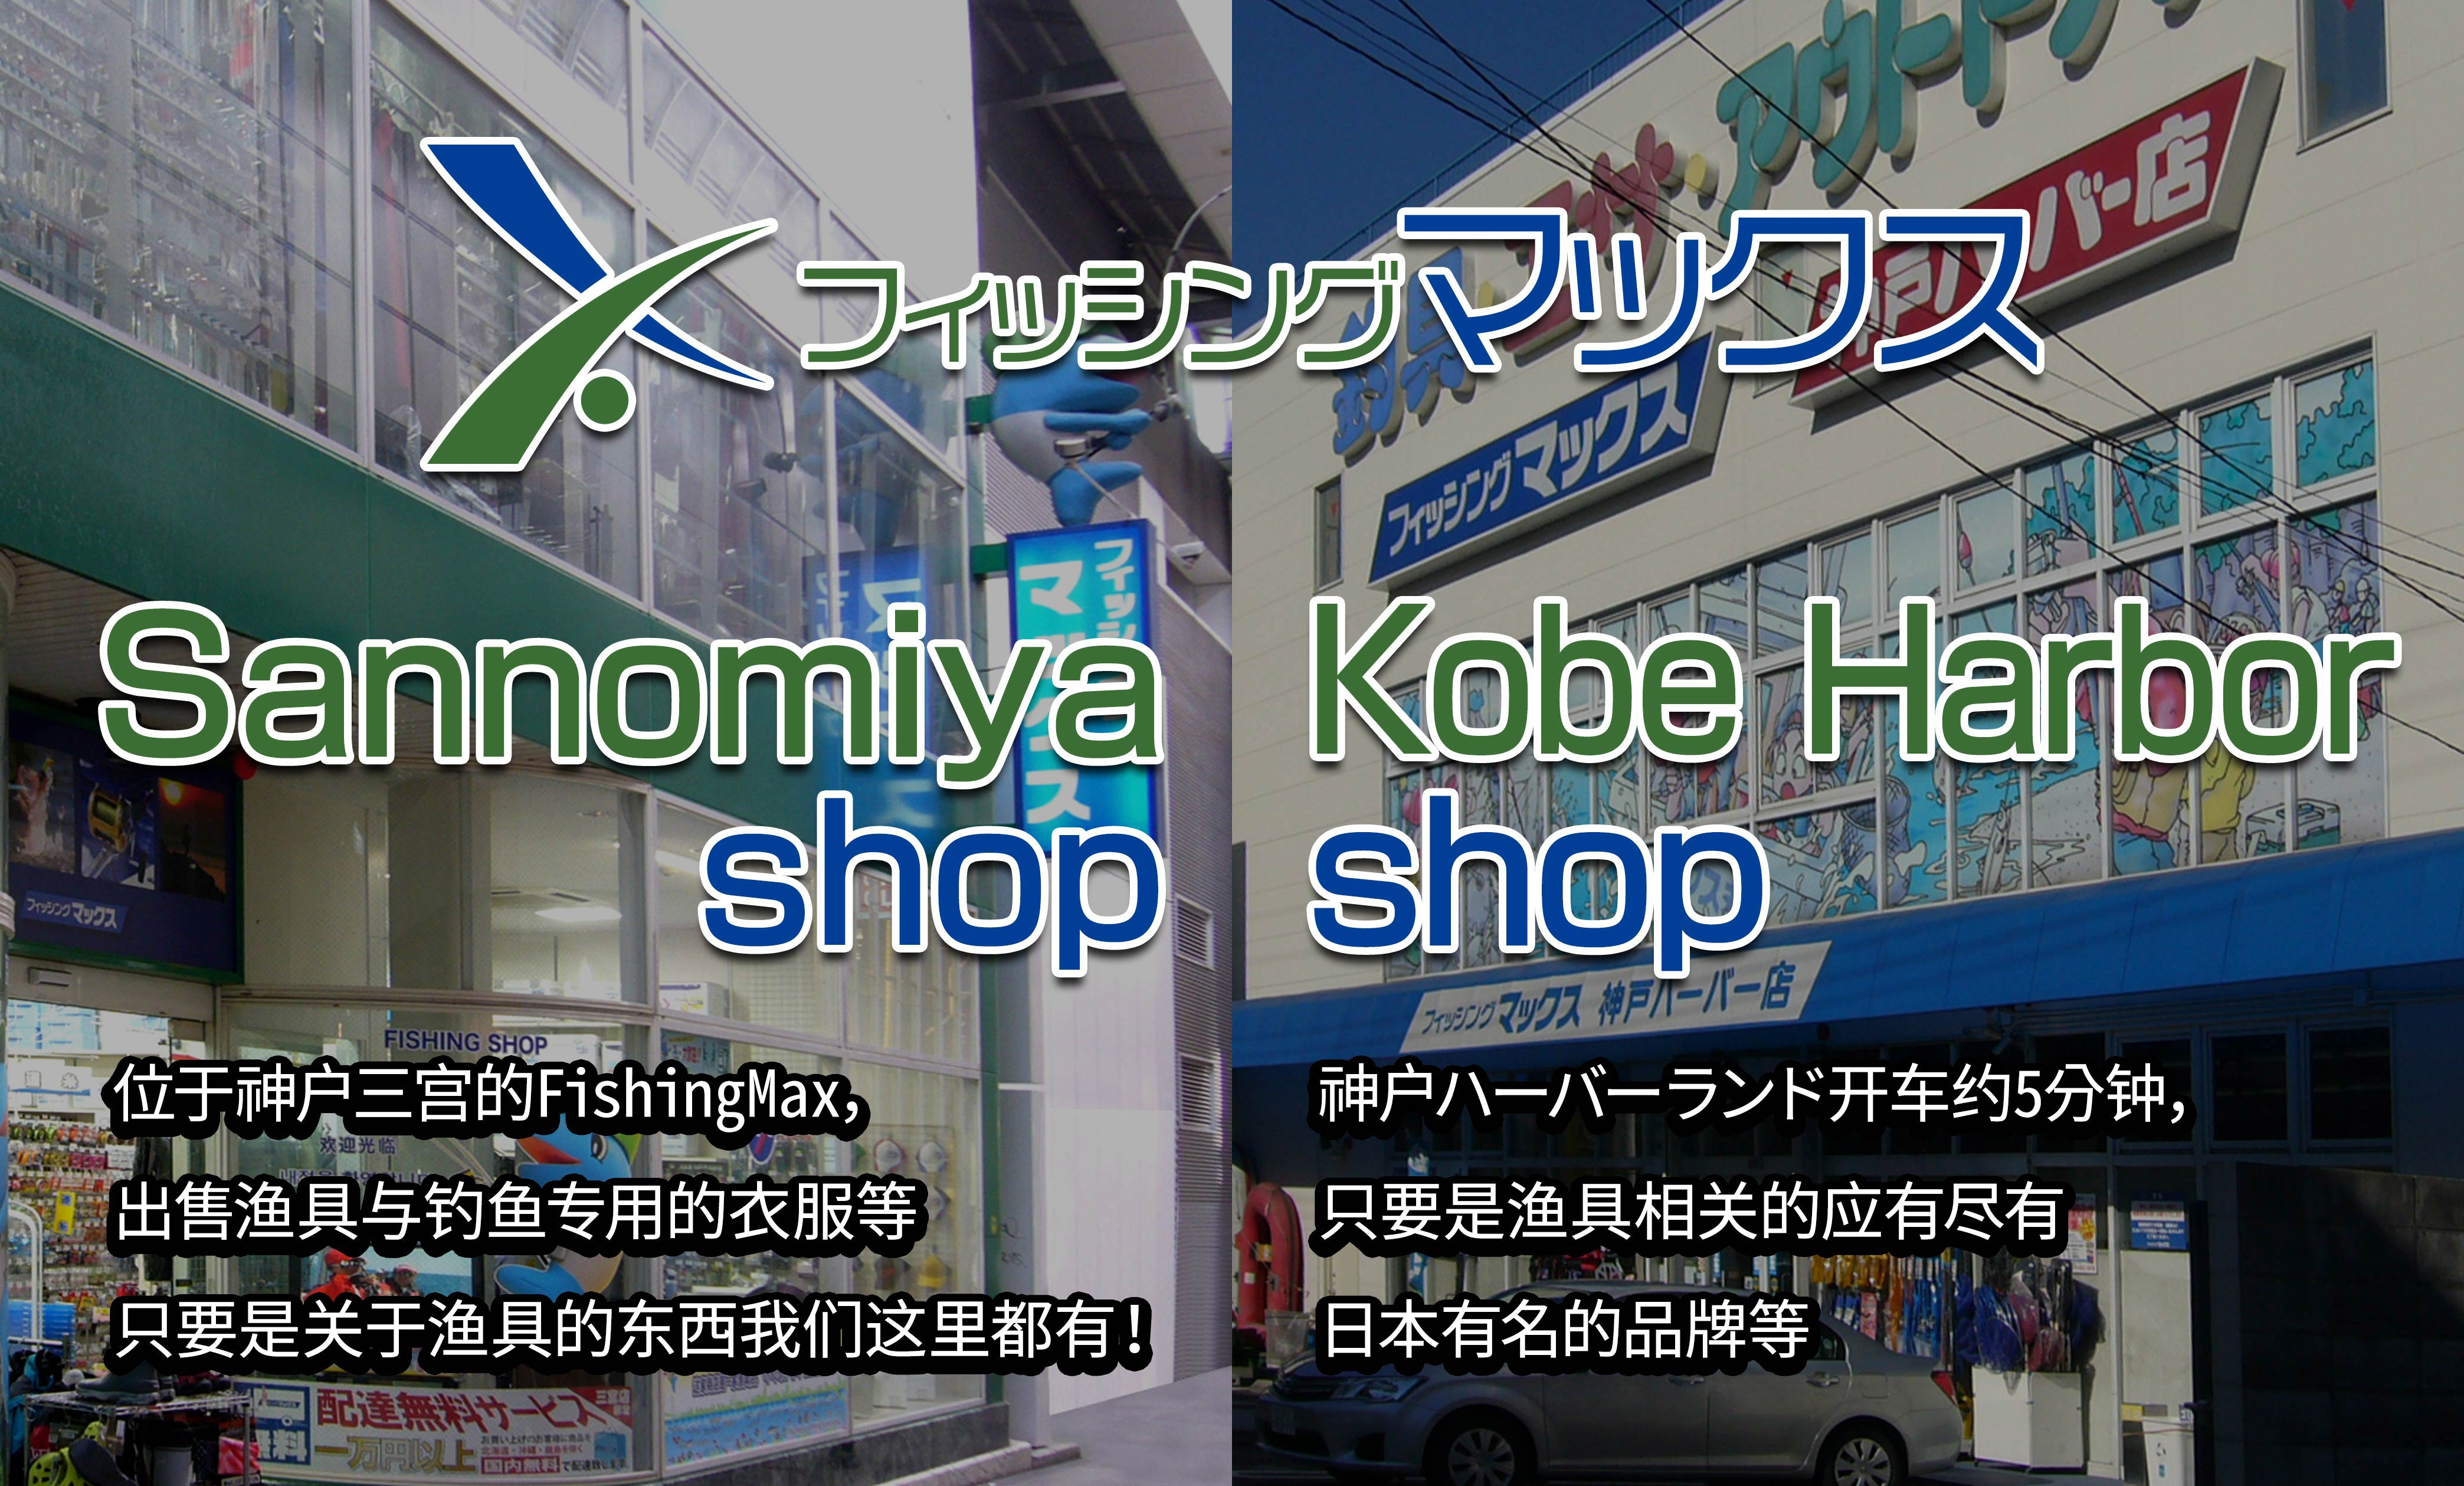 """渔具、户外用品大型专卖店""""FISHINGMAX"""" 神户"""